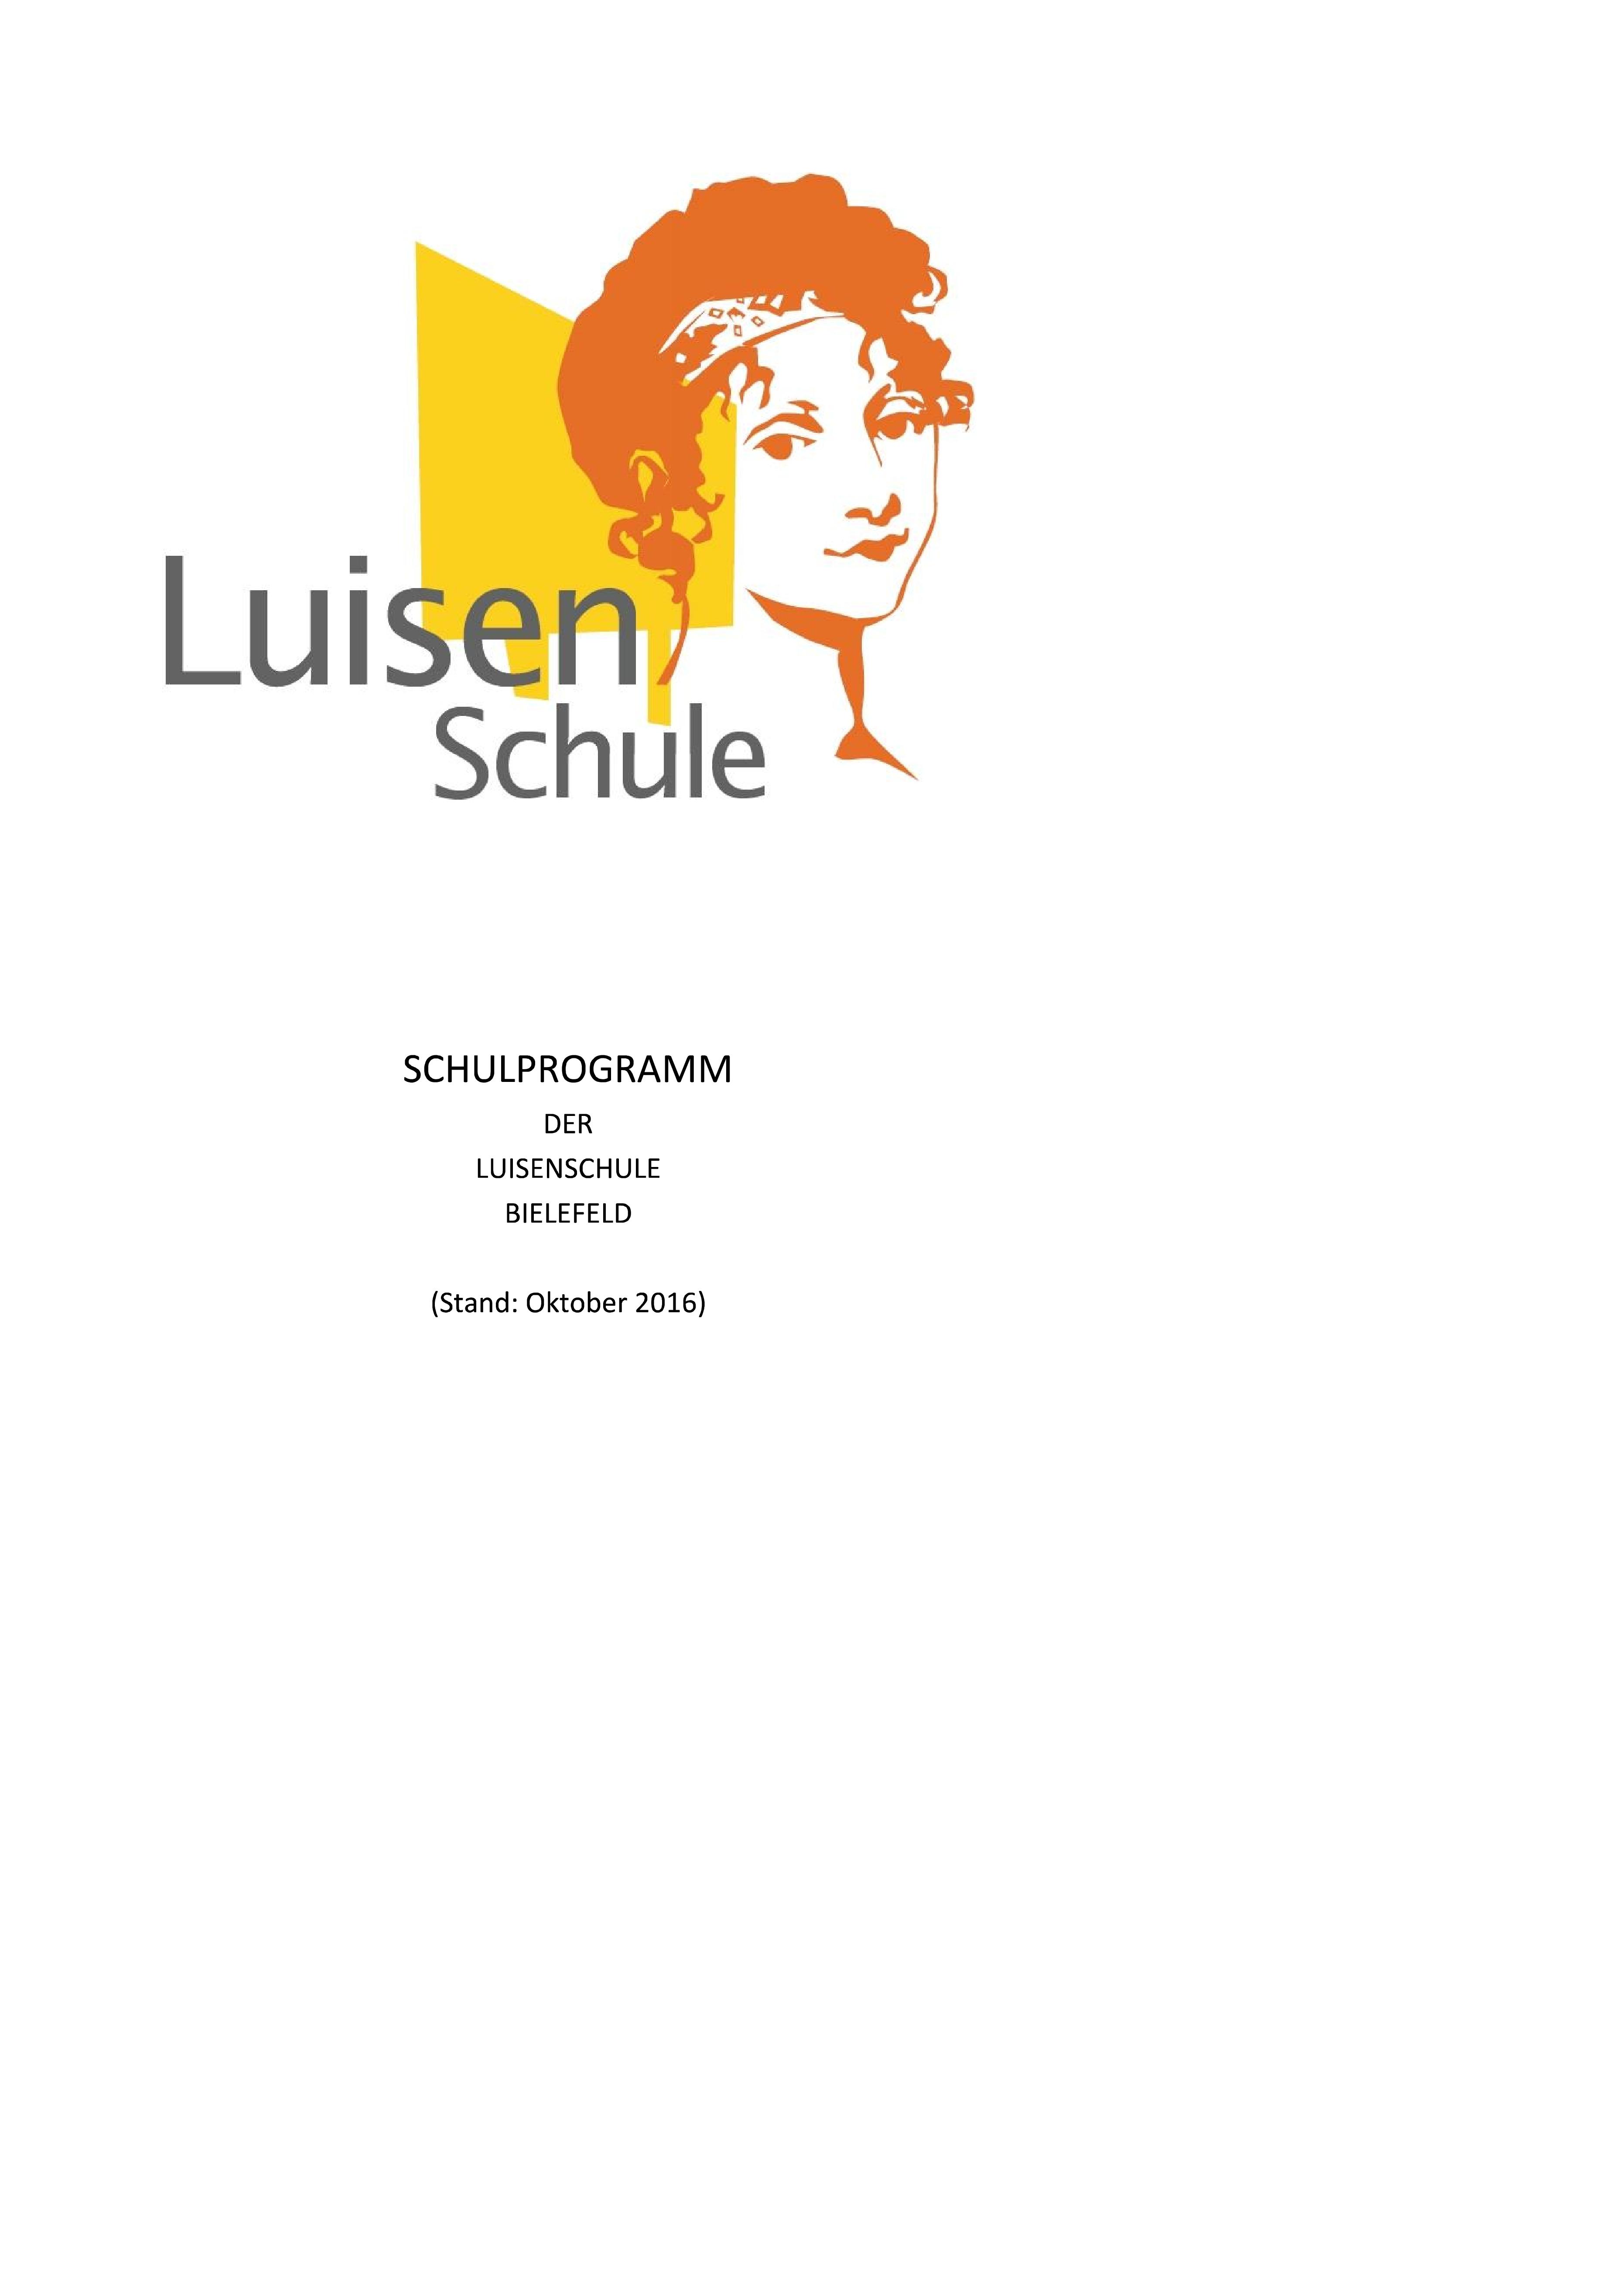 Luisenschule Bielefeld Schulprogramm 2016 10 Deckblatt